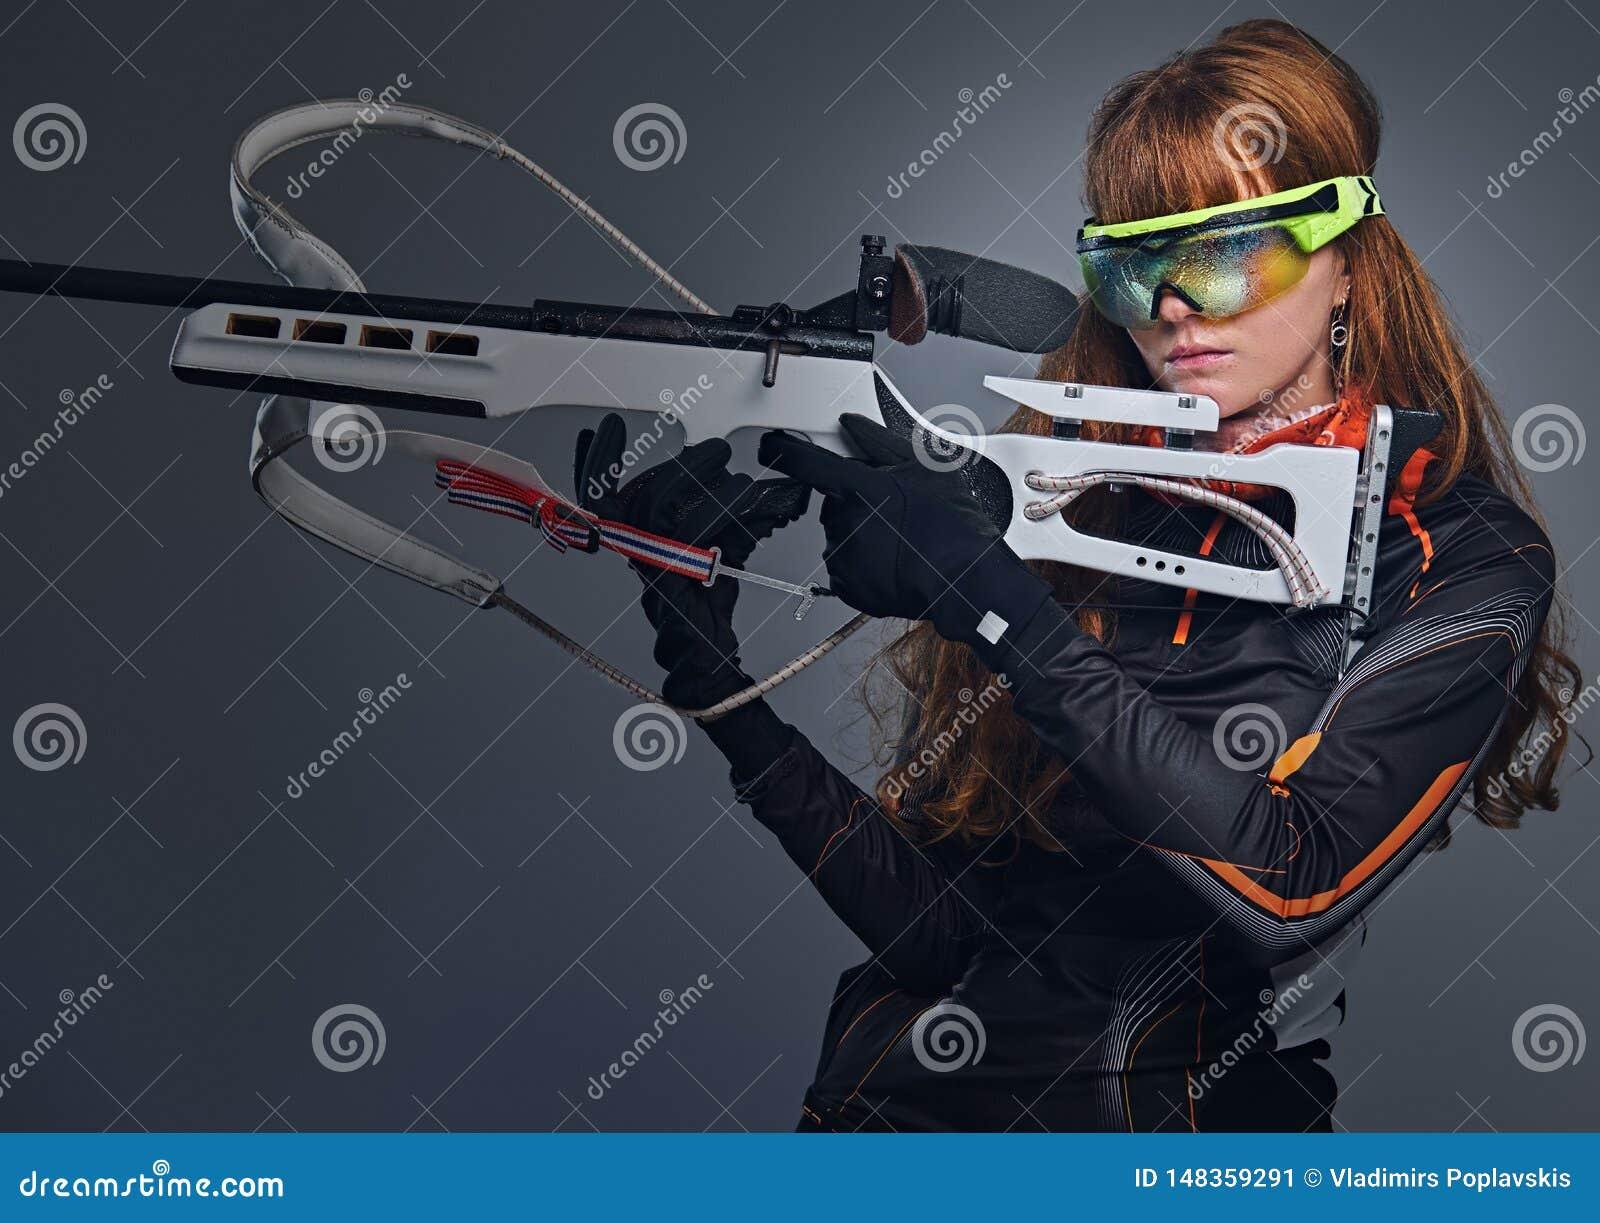 Rudzielec Biatlon sportow?w ?e?skich chwyt?w konkurencyjny pistolet